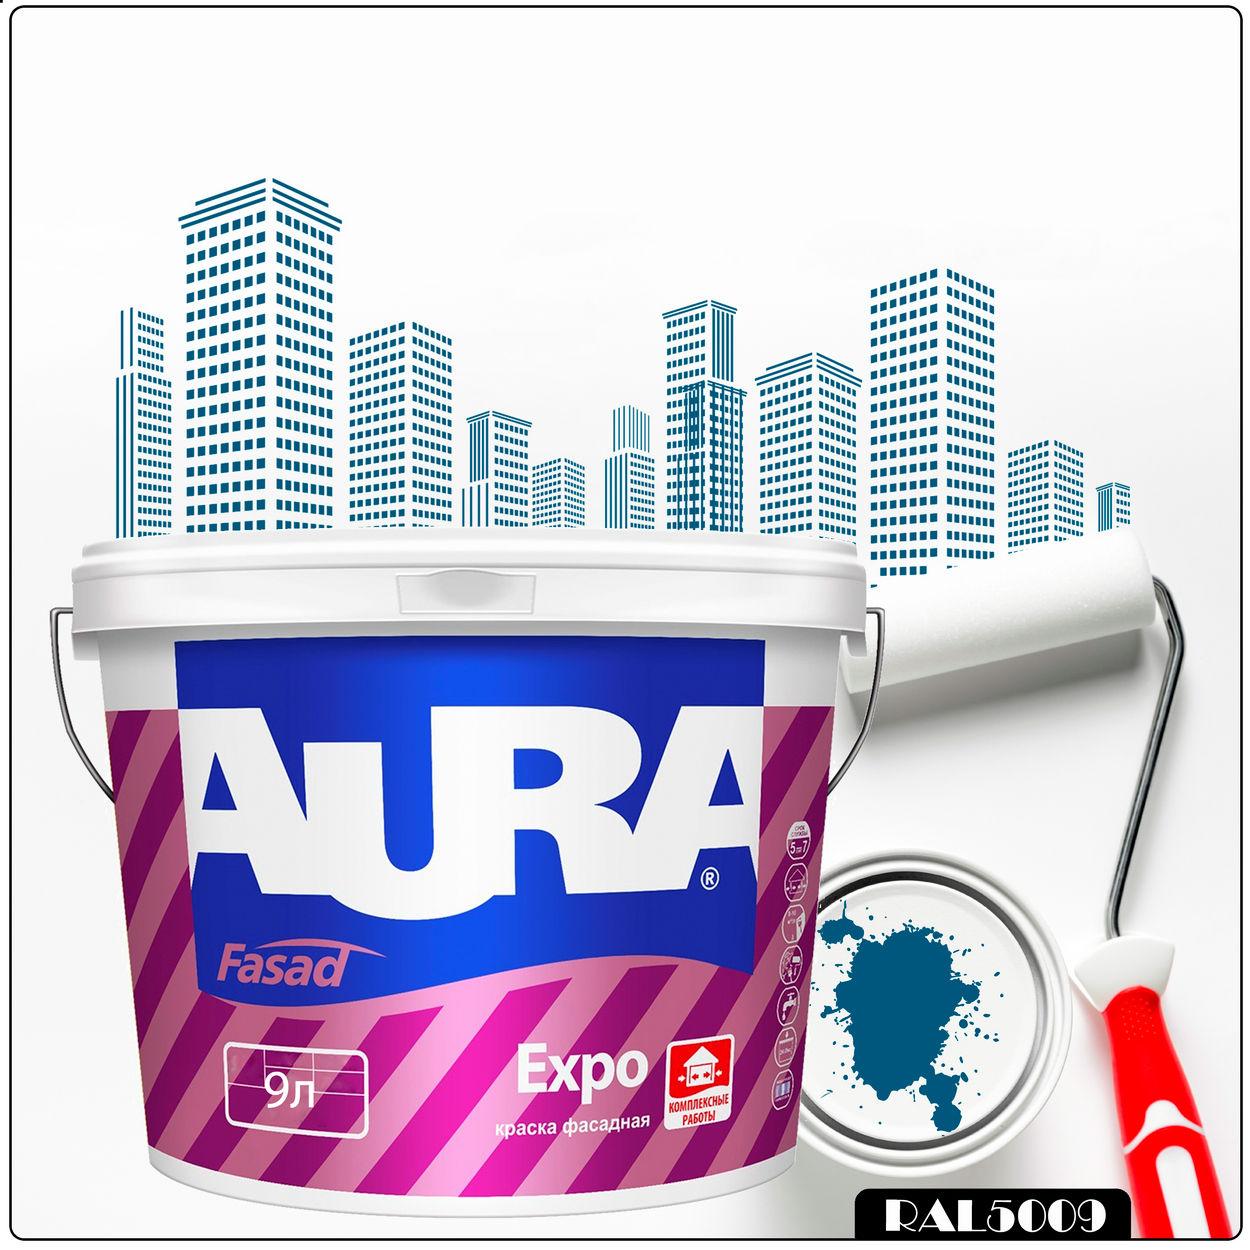 Фото 9 - Краска Aura Fasad Expo, RAL 5009 Лазурно-синий, матовая, для фасадов и помещений с повышенной влажностью, 9л.